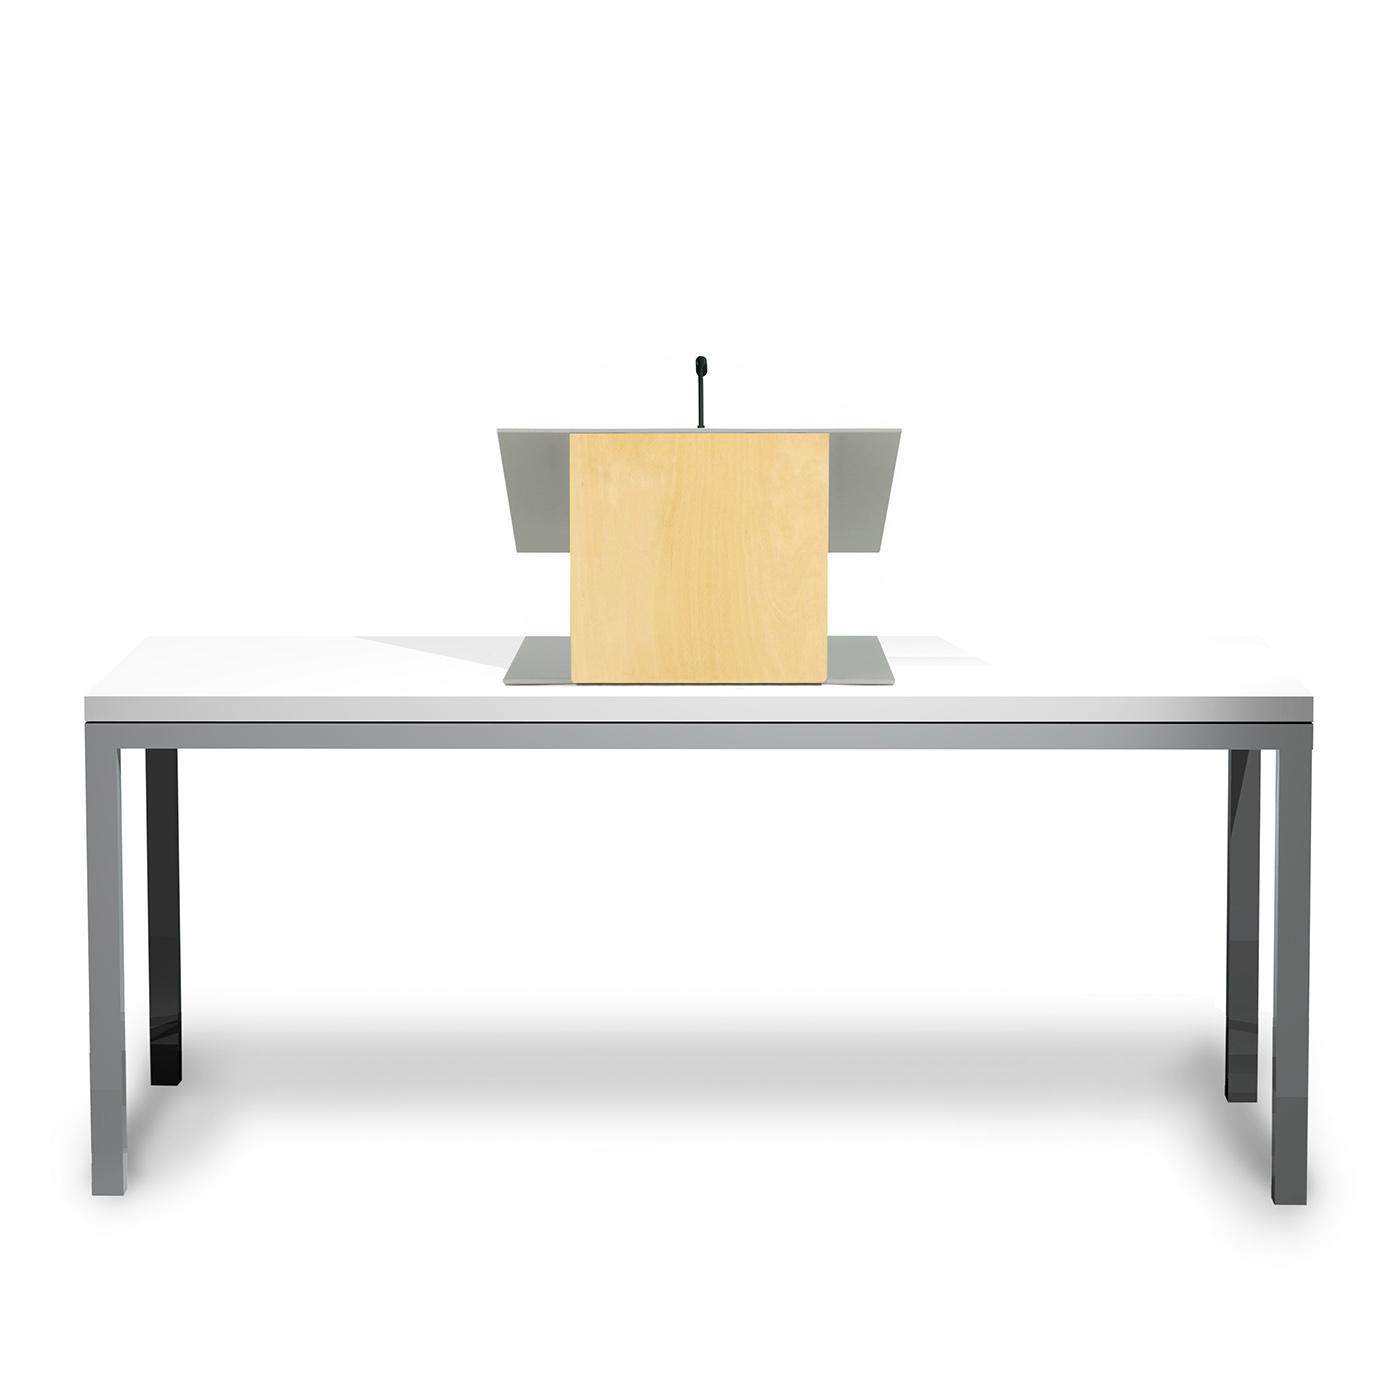 Urbann_K9_front table white